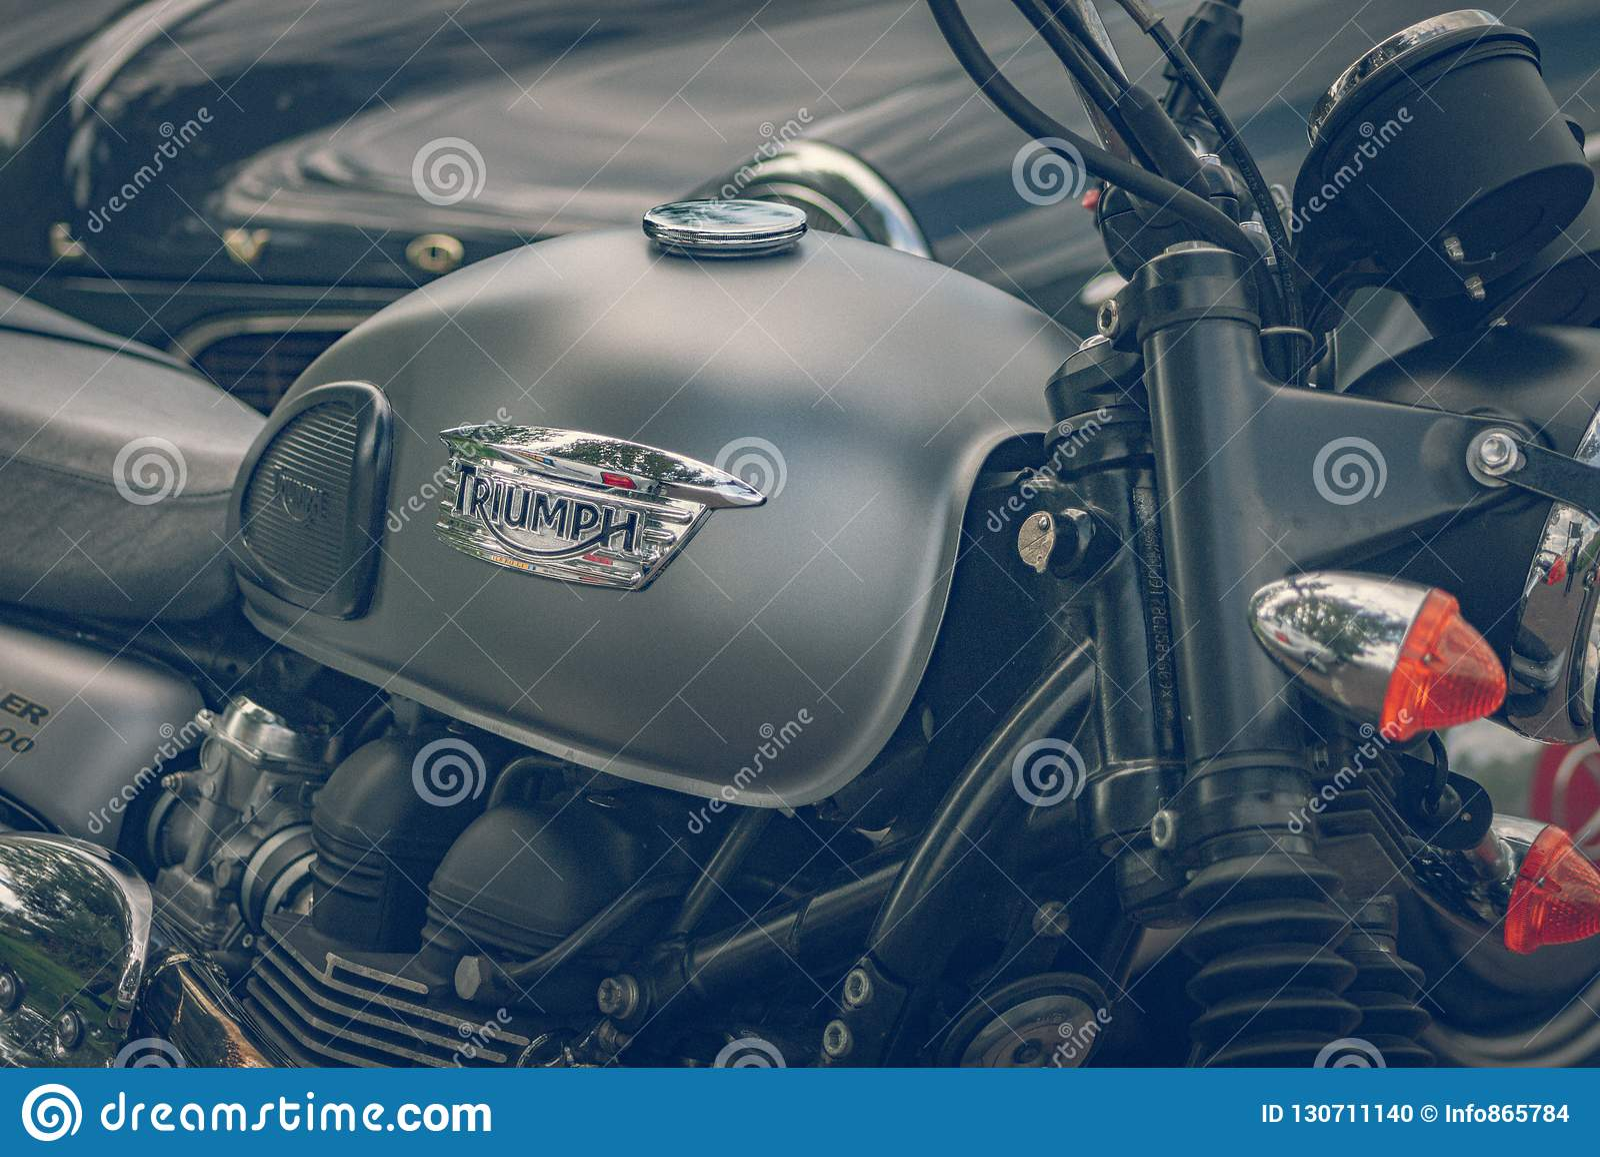 ROTTERDAM, NEDERLAND - SEPTEMBER 2 2018: De motorfietsen zijn shini